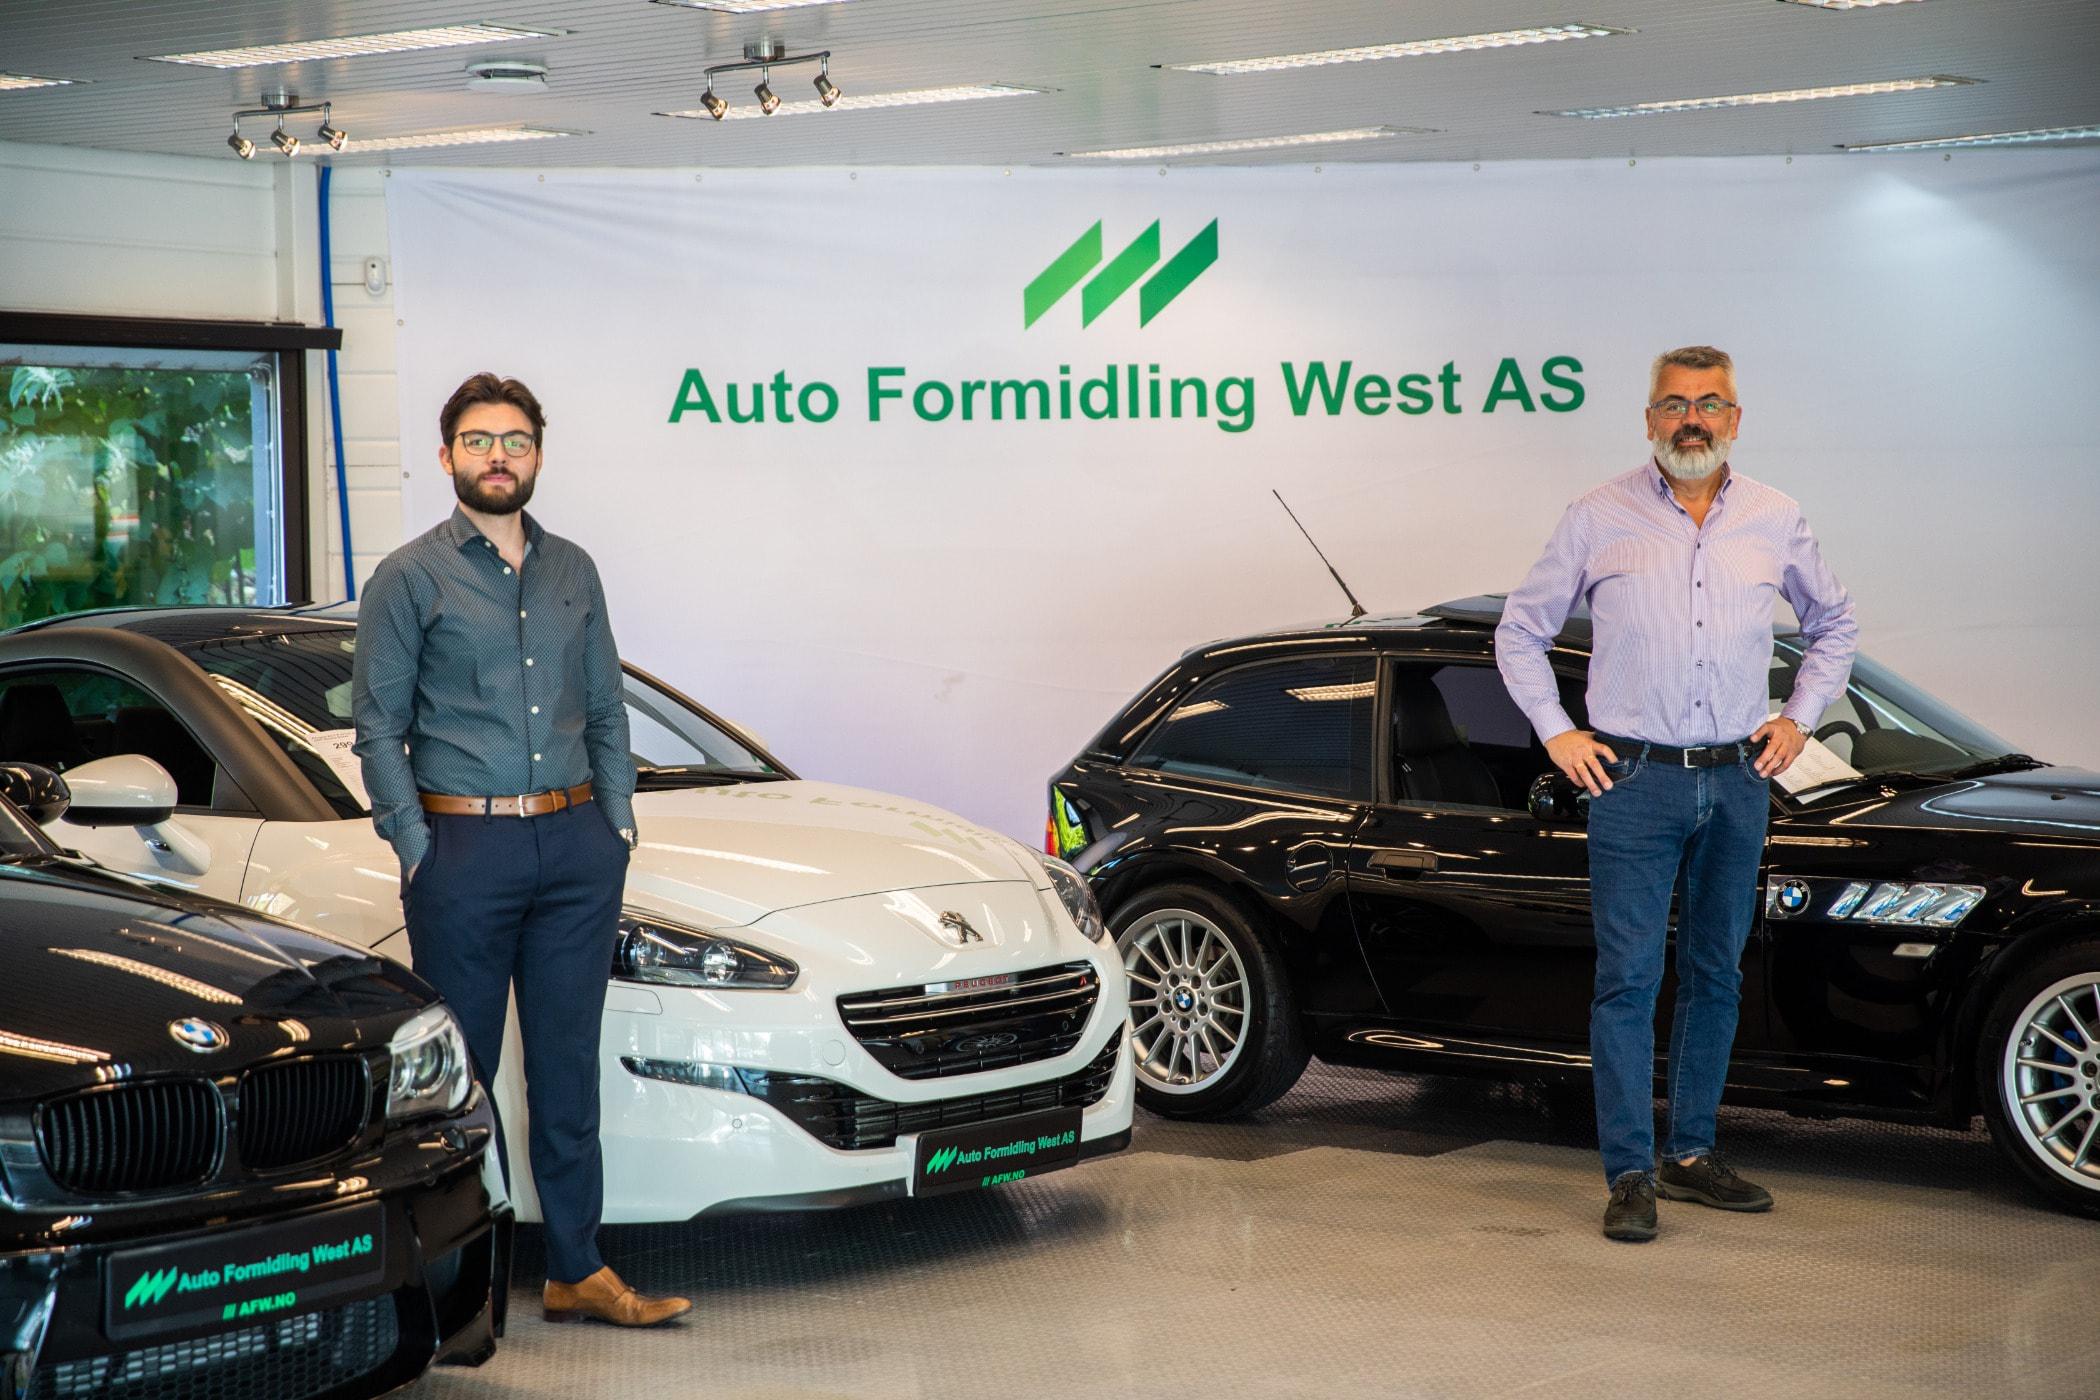 Personal luxury car, Auto show, Automotive design, Land vehicle